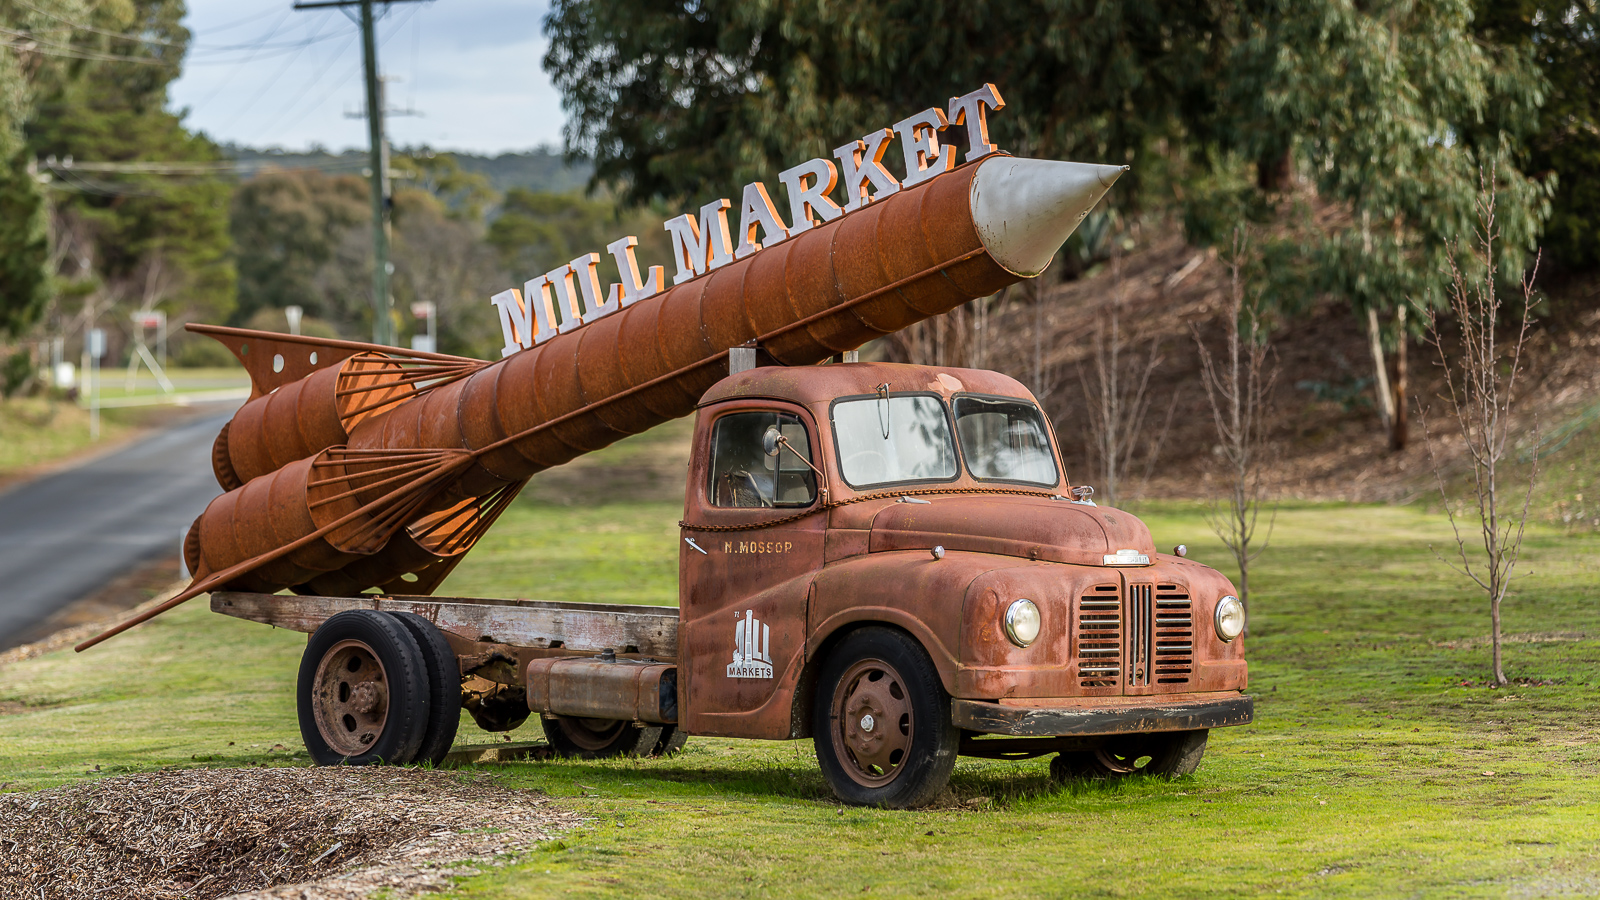 Mill.Market-11-Pano.jpg